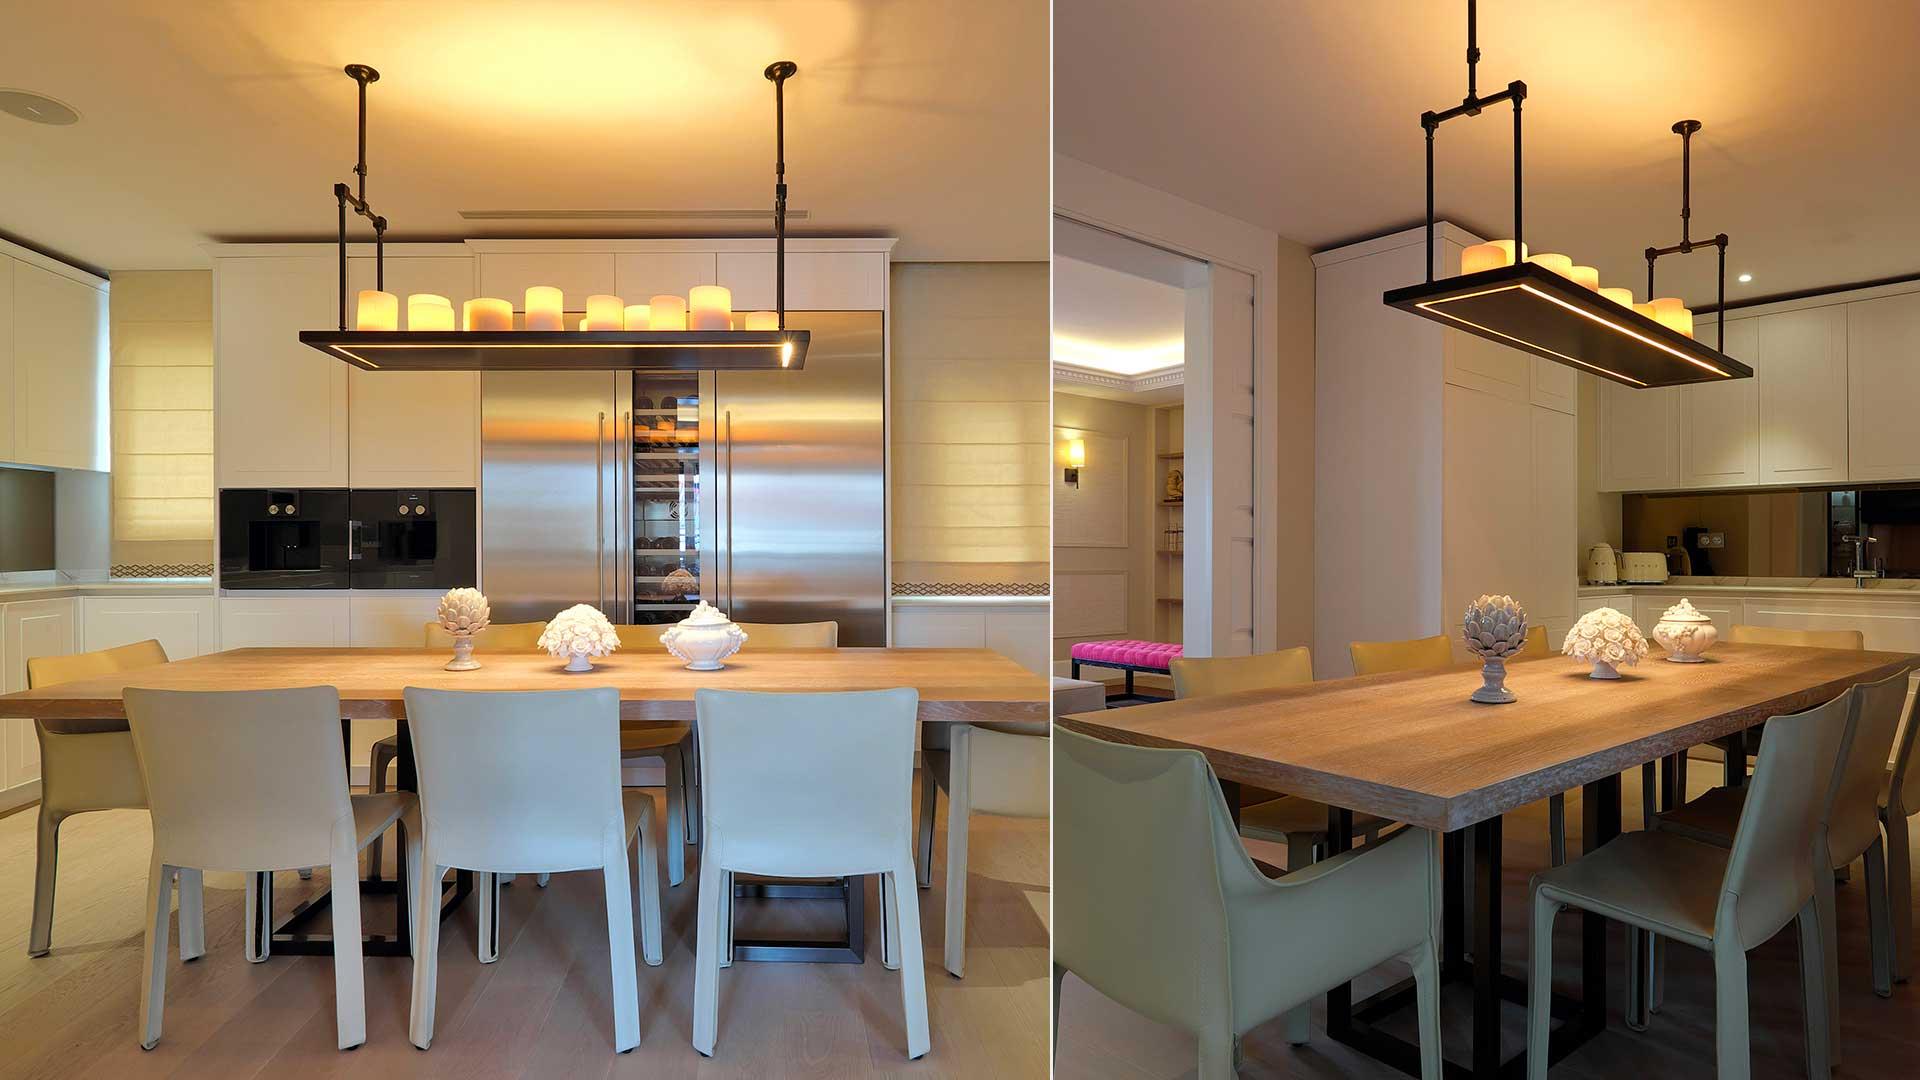 MADRID-FAMILY-APARTMENT-06-Dome-interior-design-Geneve-Suisse